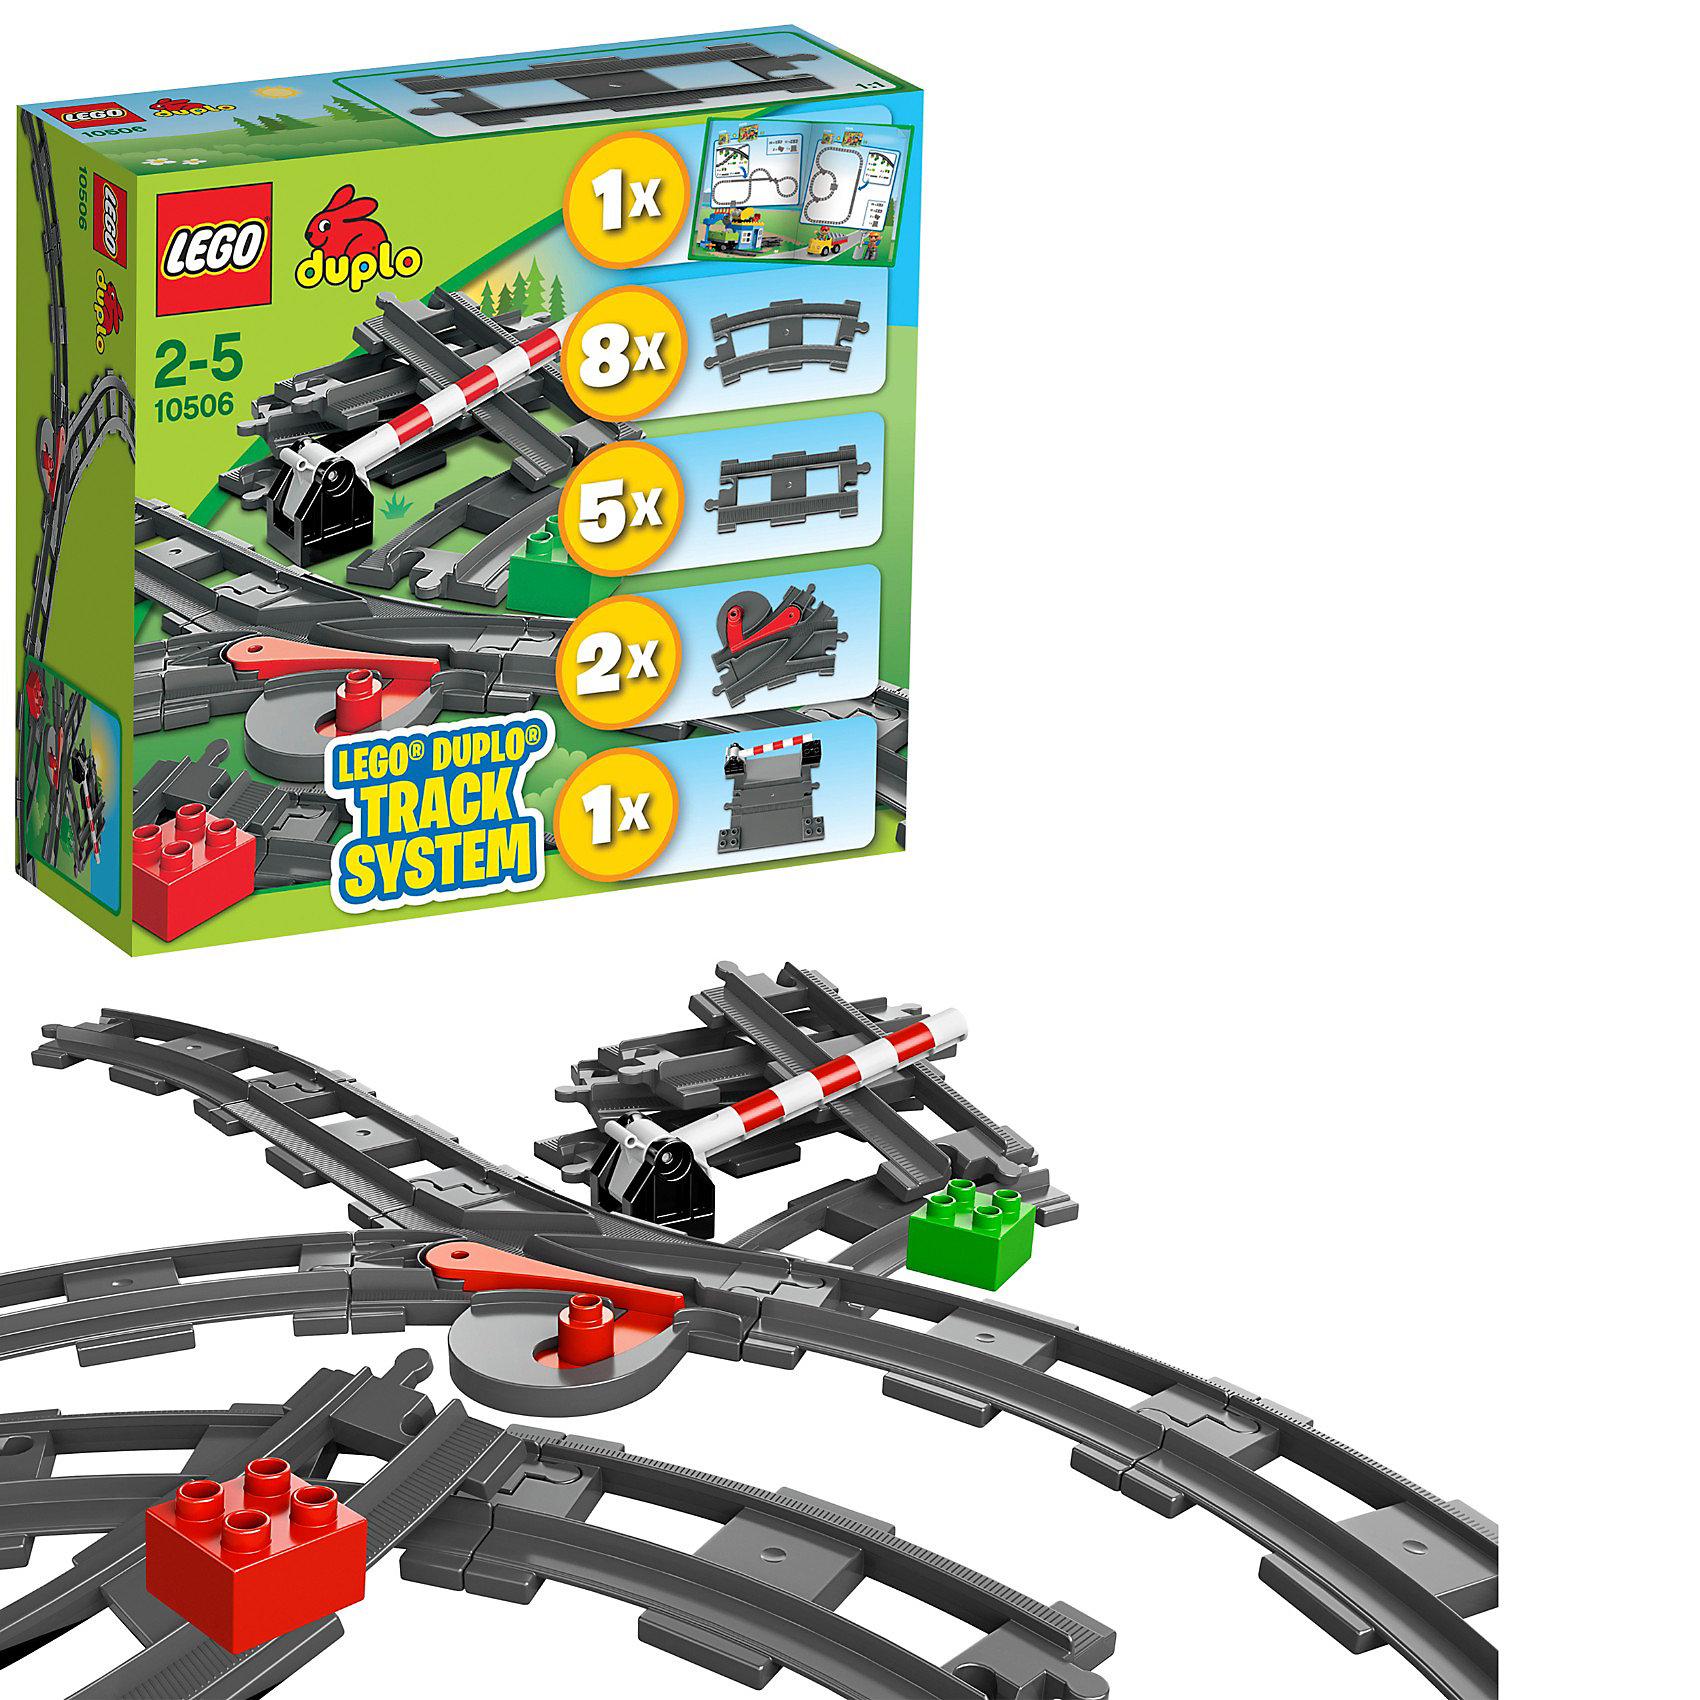 LEGO DUPLO 10506: Дополнительные элементы для поездаLEGO DUPLO 10506: Дополнительные элементы для поезда - необходимый набор для расширения железной дороги. С этим набором Ваш поезд поедет дальше!<br><br>Набор содержит 8 изогнутых рельсов, 2 набора стрелок и рельсовую крестовину для создания множества комбинаций путей. <br><br>Благодаря разнообразным основным и декорированным кубикам DUPLO, набор дополнительных элементов для поезда является прекрасным дополнением к любой коллекции поездов DUPLO.<br><br>Дополнительная информация:<br><br>- В конструктор входят: 8 изогнутых рельсов, 5 прямых, 2 стрелки и железнодорожный переезд.<br>- Совместимы с поездами DUPLO.<br>- Артикул LEGO № 10506.<br>- Количество деталей LEGO: 24 шт.<br><br>LEGO DUPLO 10506: Дополнительные элементы для поезда можно купить в нашем интернет-магазине.<br><br>Ширина мм: 285<br>Глубина мм: 261<br>Высота мм: 99<br>Вес г: 659<br>Возраст от месяцев: 24<br>Возраст до месяцев: 60<br>Пол: Мужской<br>Возраст: Детский<br>SKU: 3145435